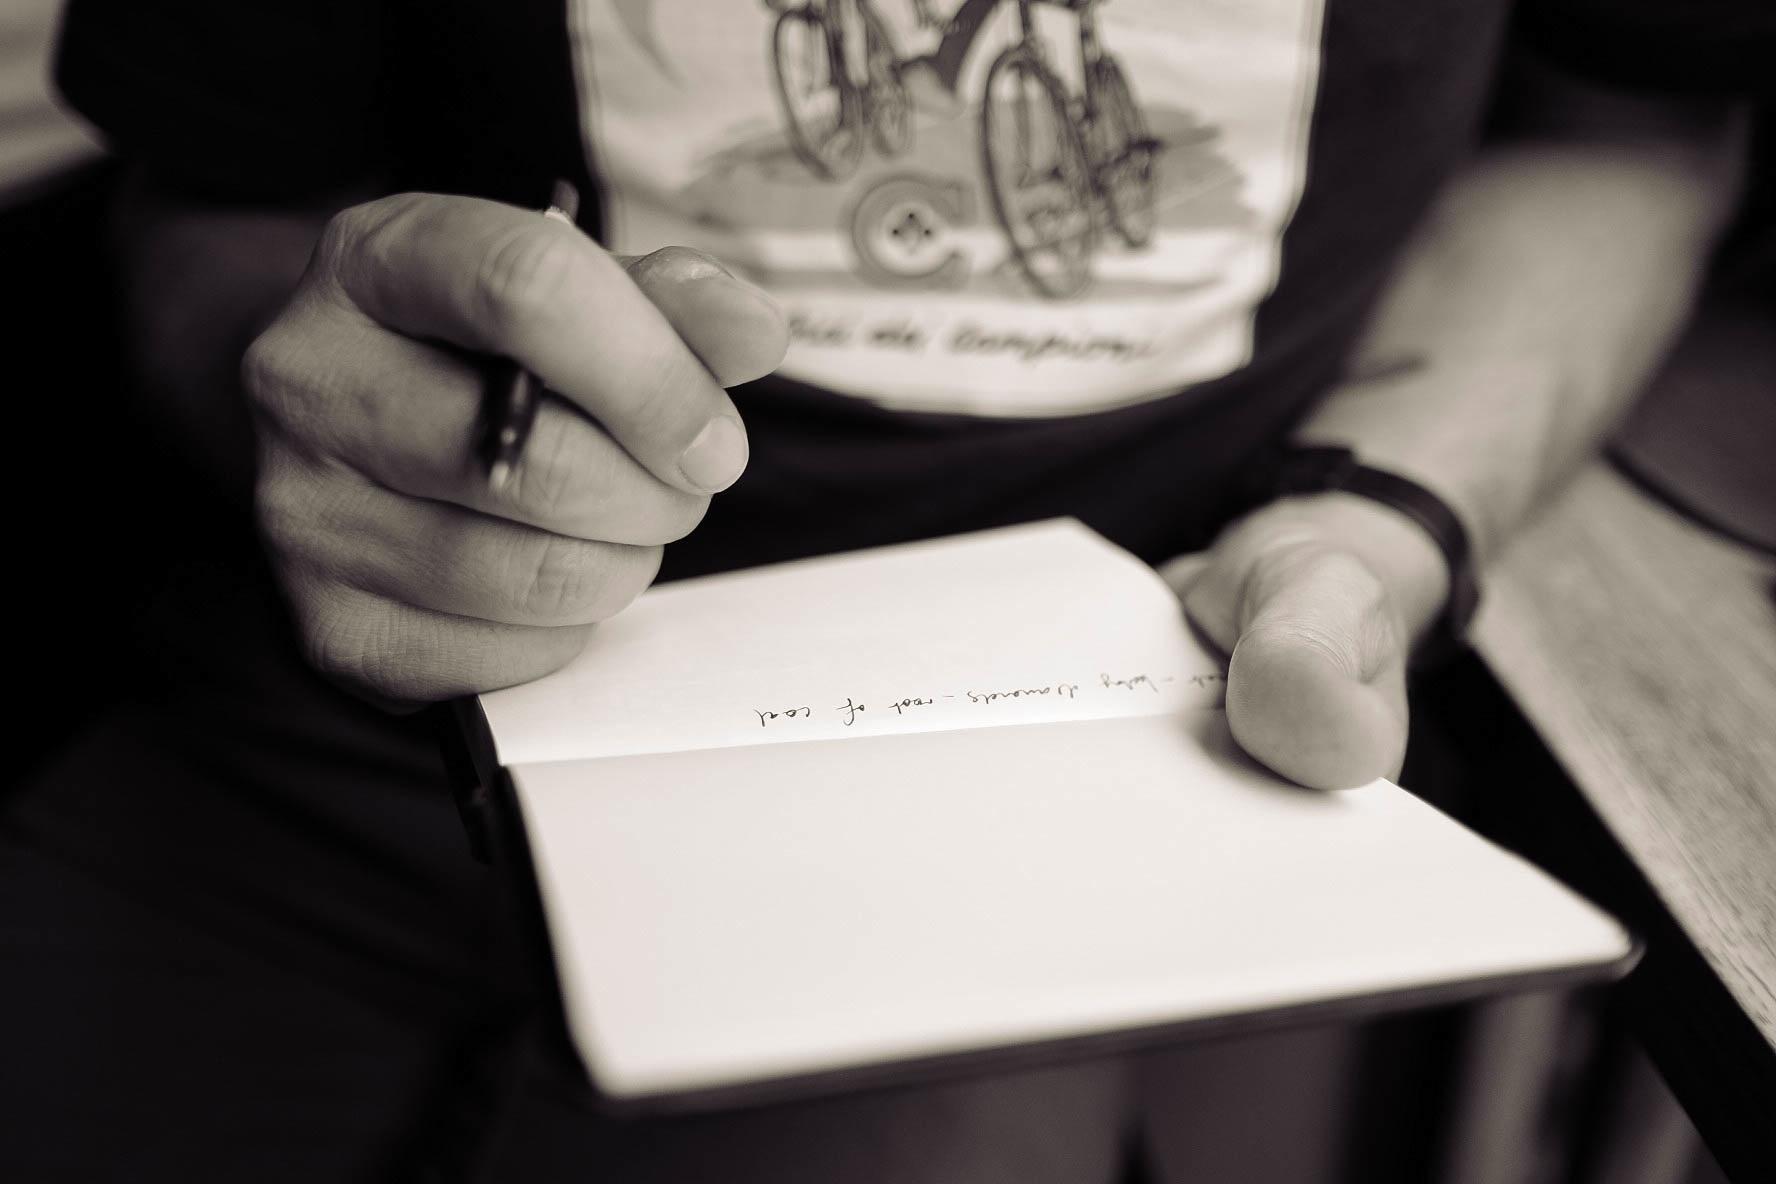 письмо в руках картинки салон арт-эскорт